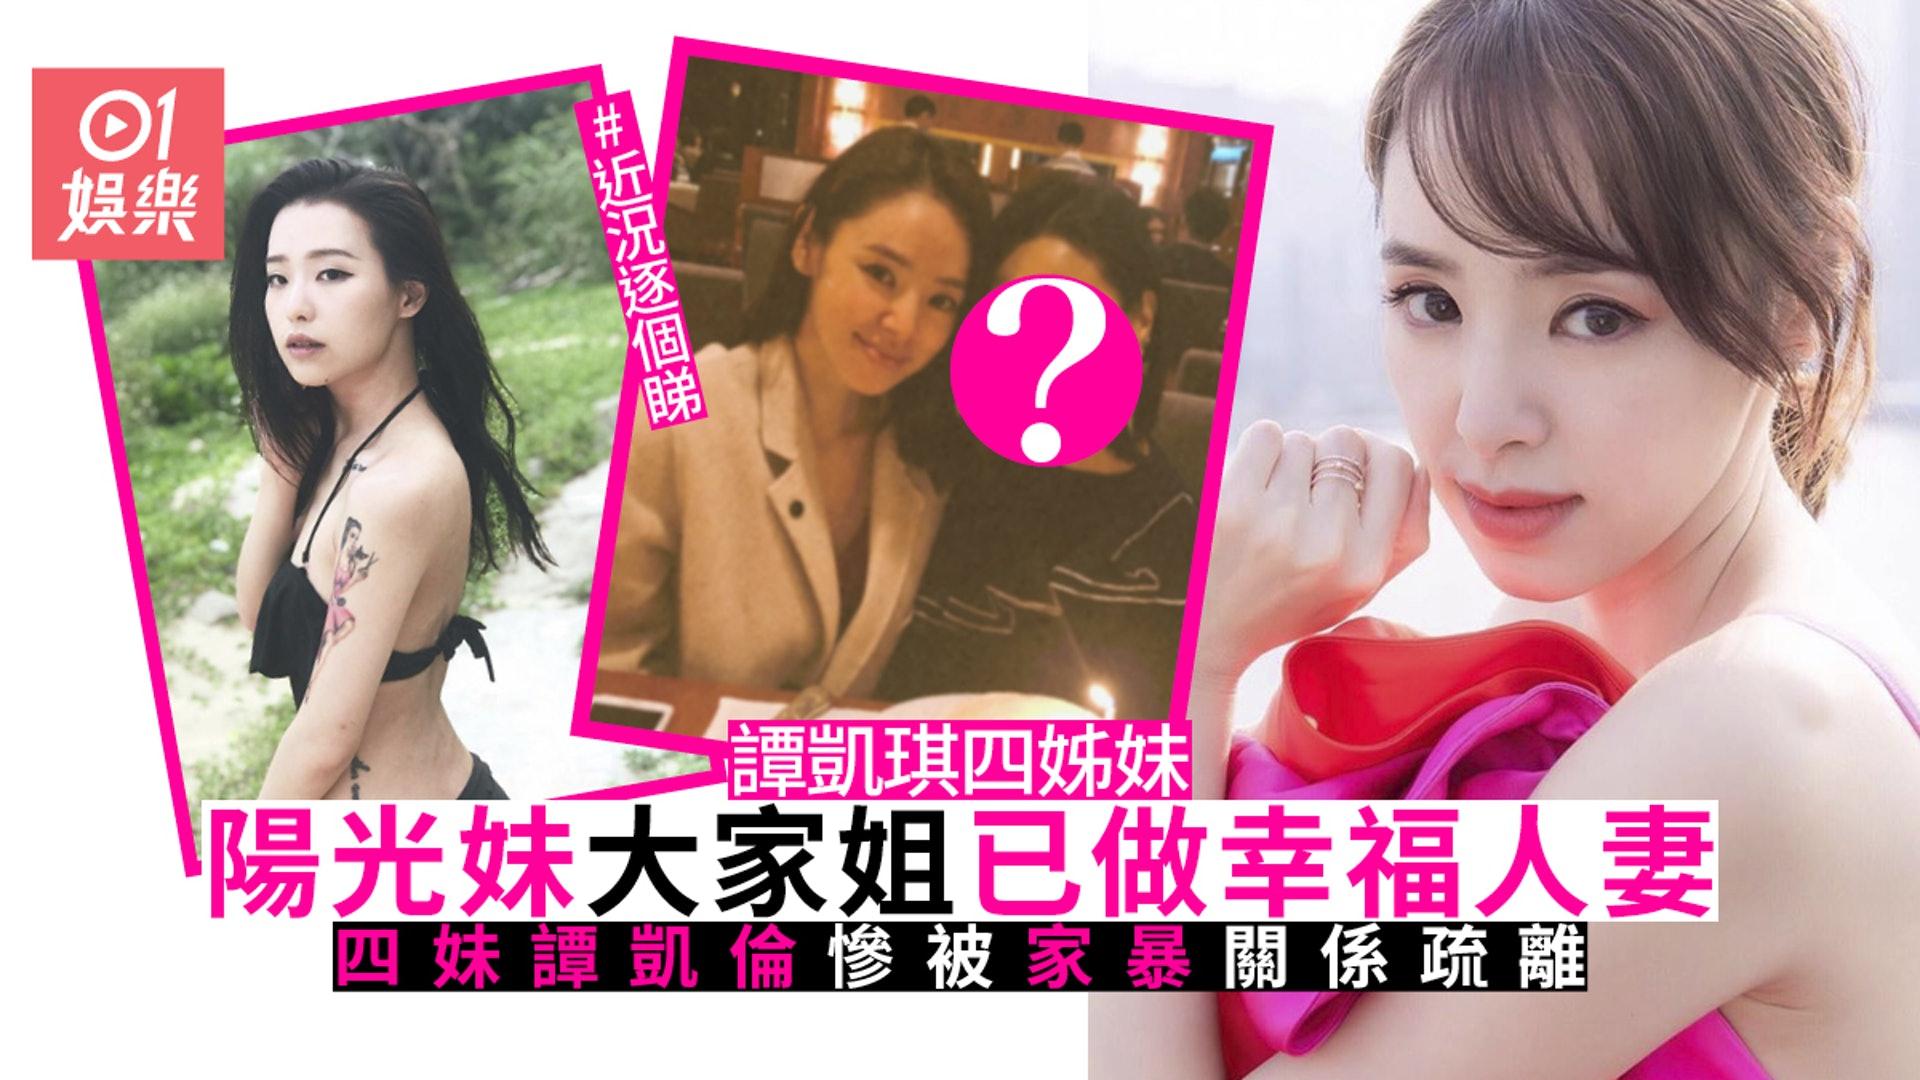 譚凱琪四姊妹年少入行 餅印大家姐譚凱欣原來係「陽光妹」